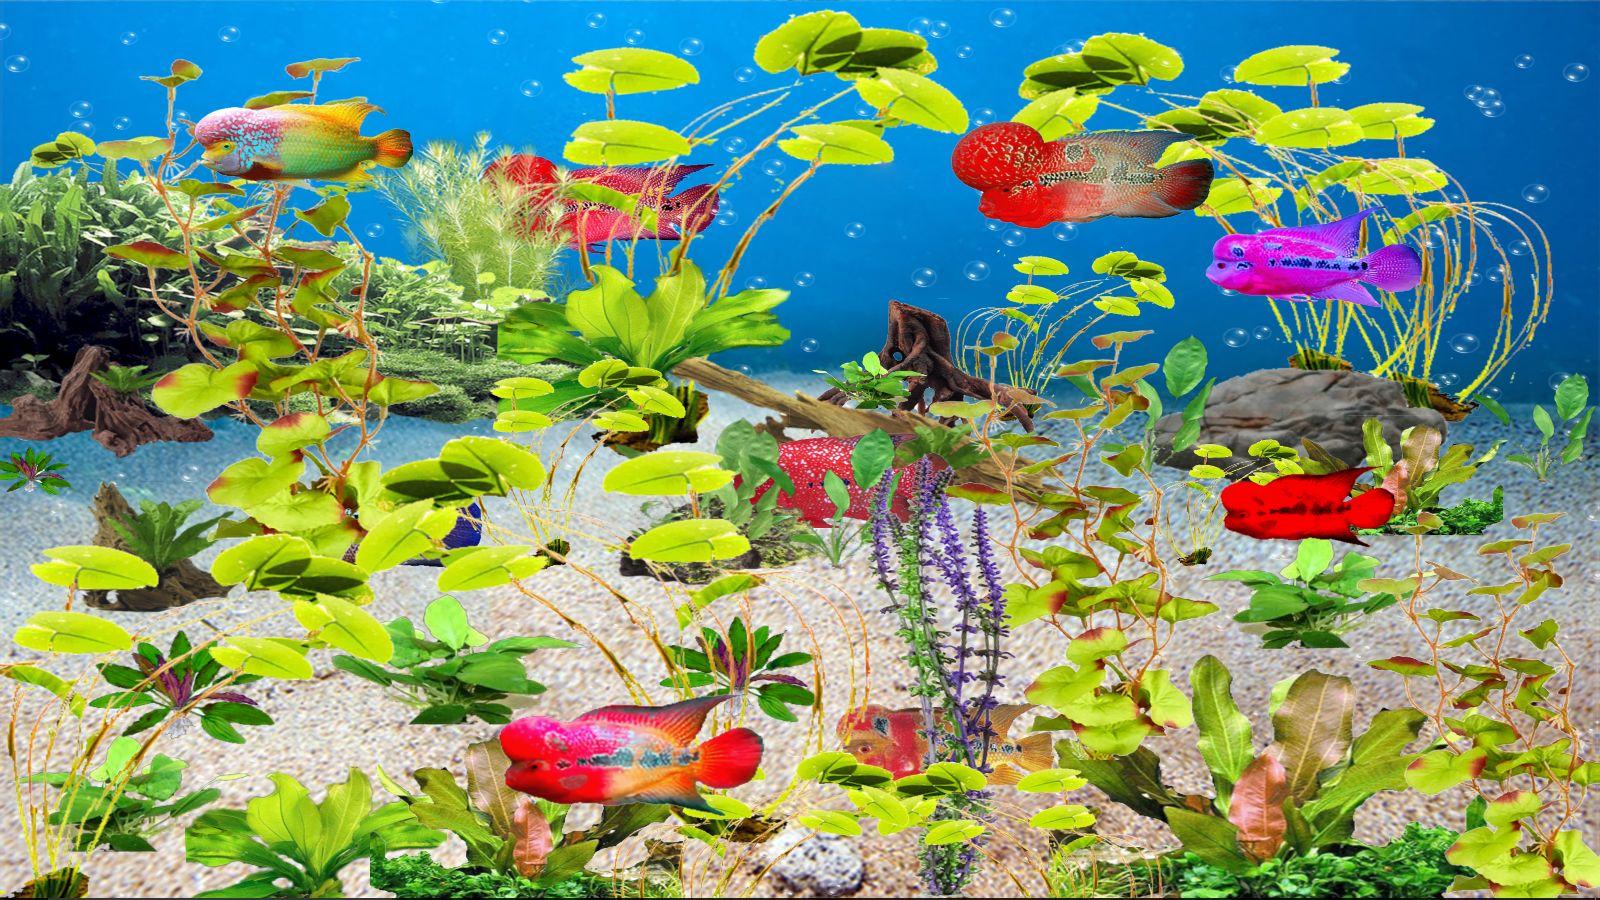 fleur-corne-aquarium-telechargement